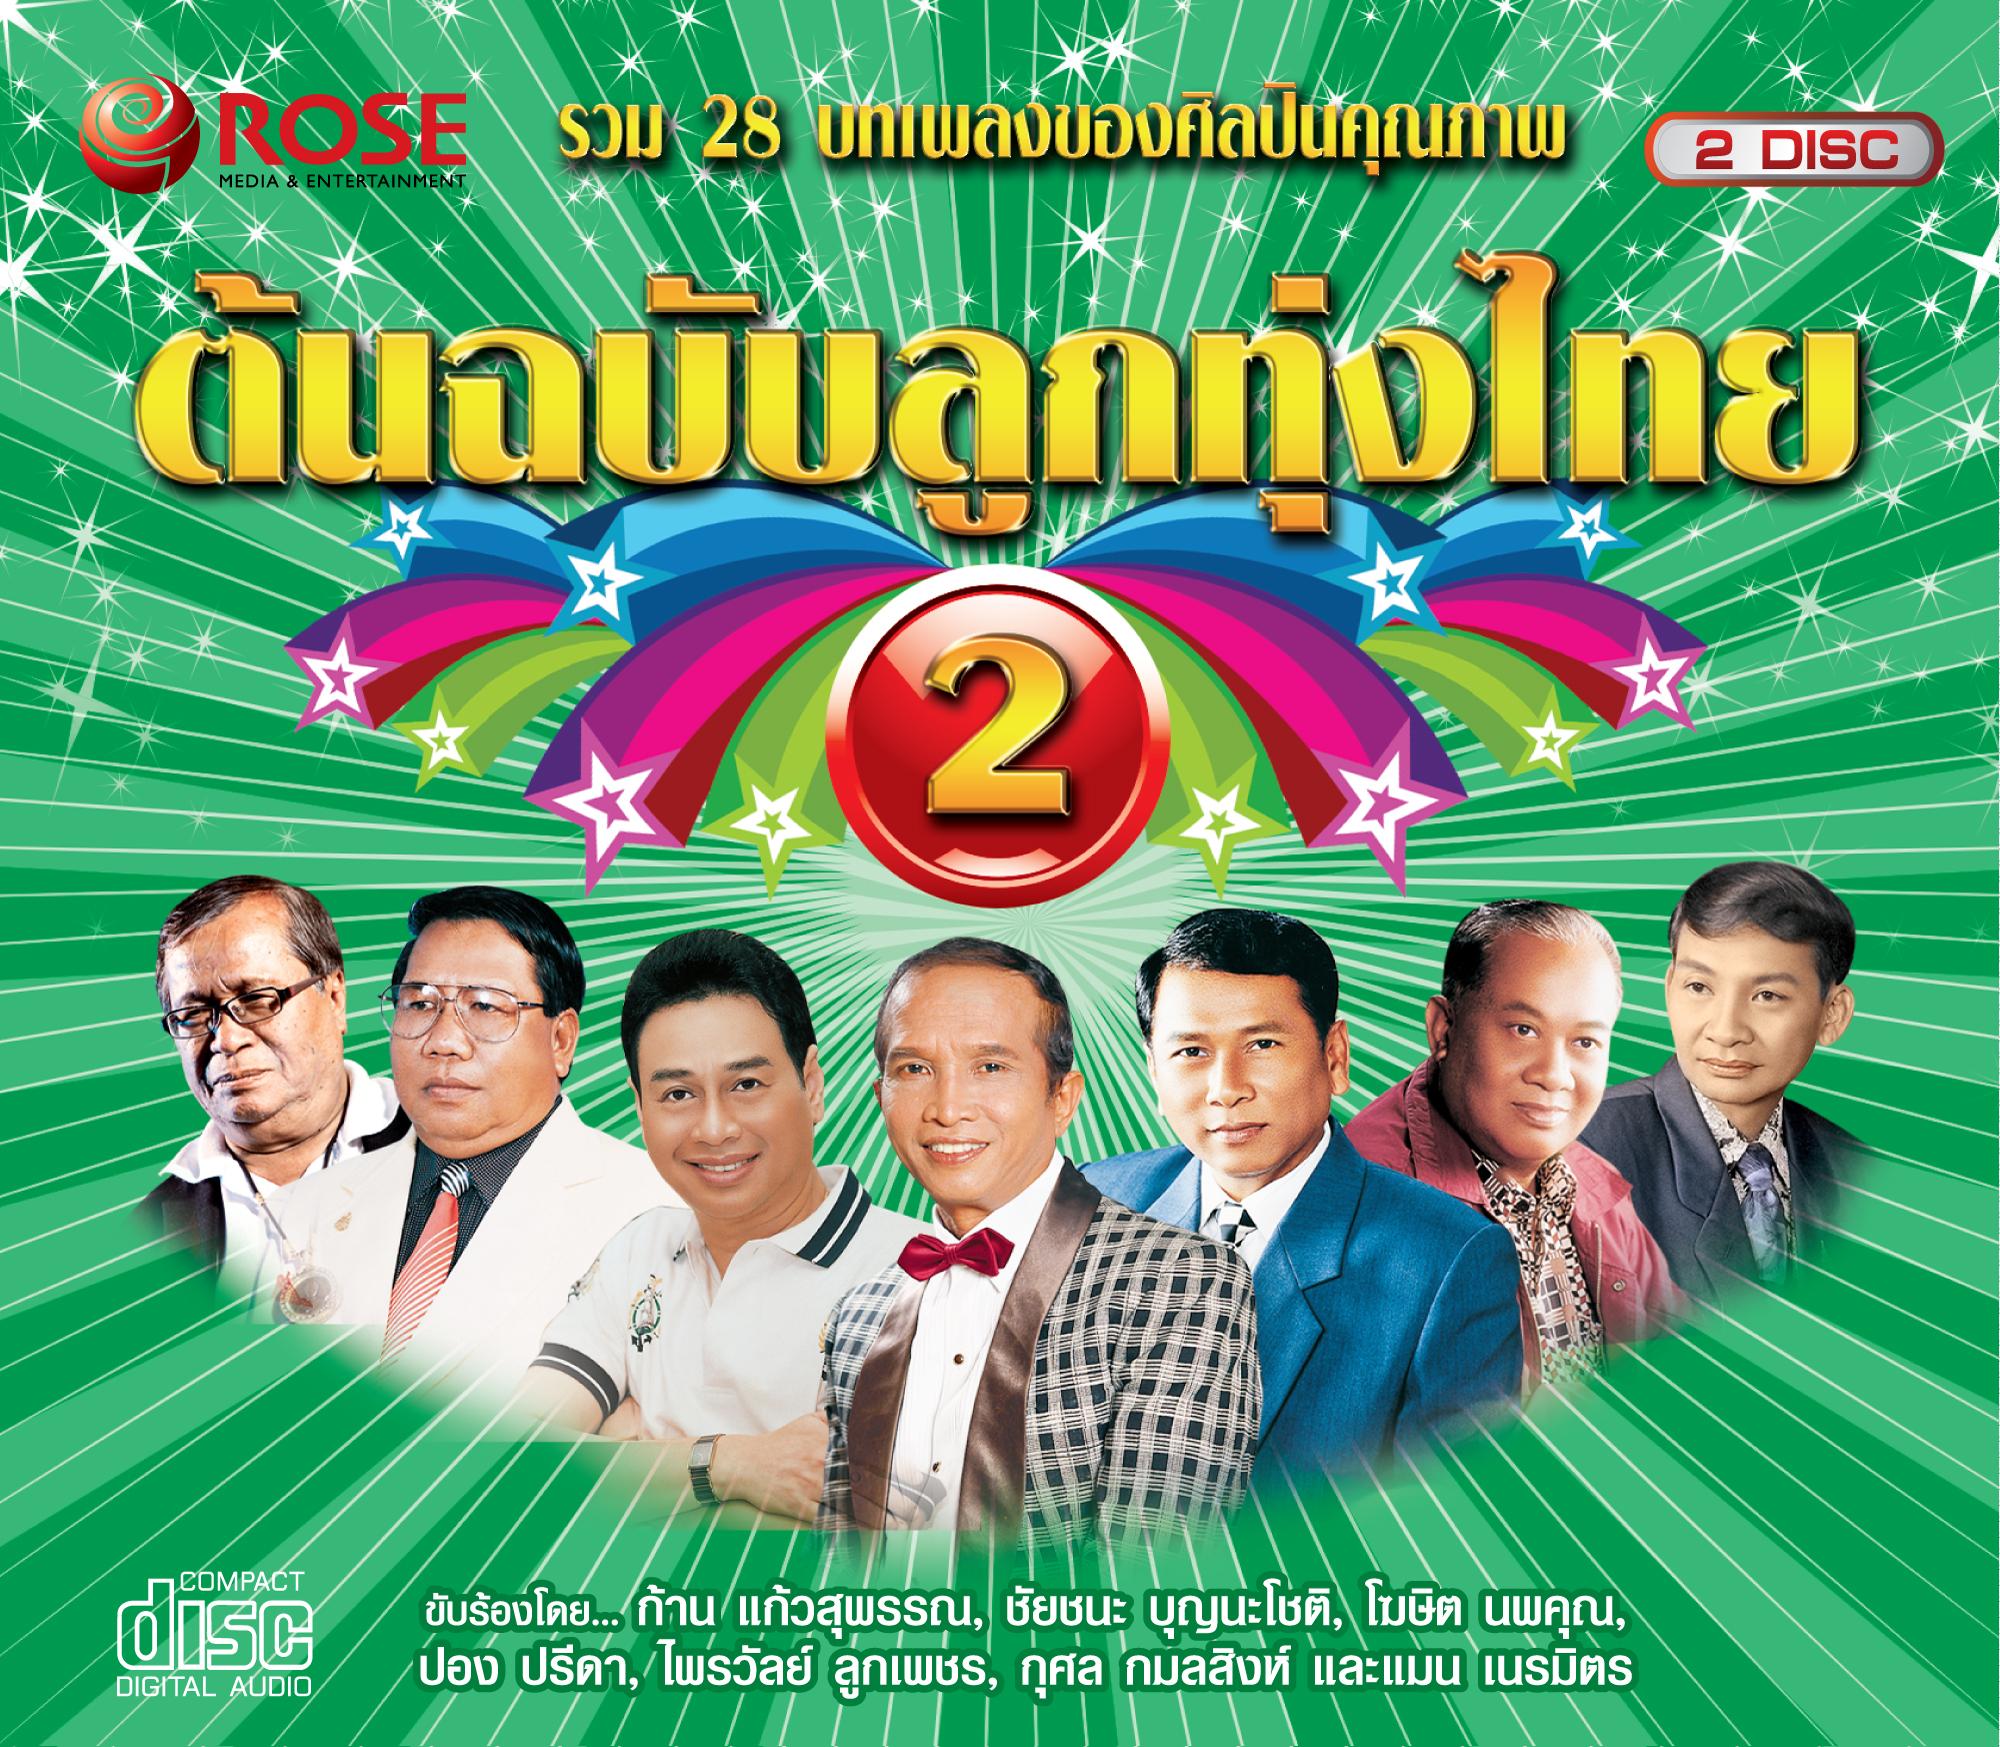 CD28 เพลง ต้นฉบับลูกทุ่งไทย 2 (คัฑลียา ดาว ธิดา สุนารี ดวงตา อาภาพร แก้ว)